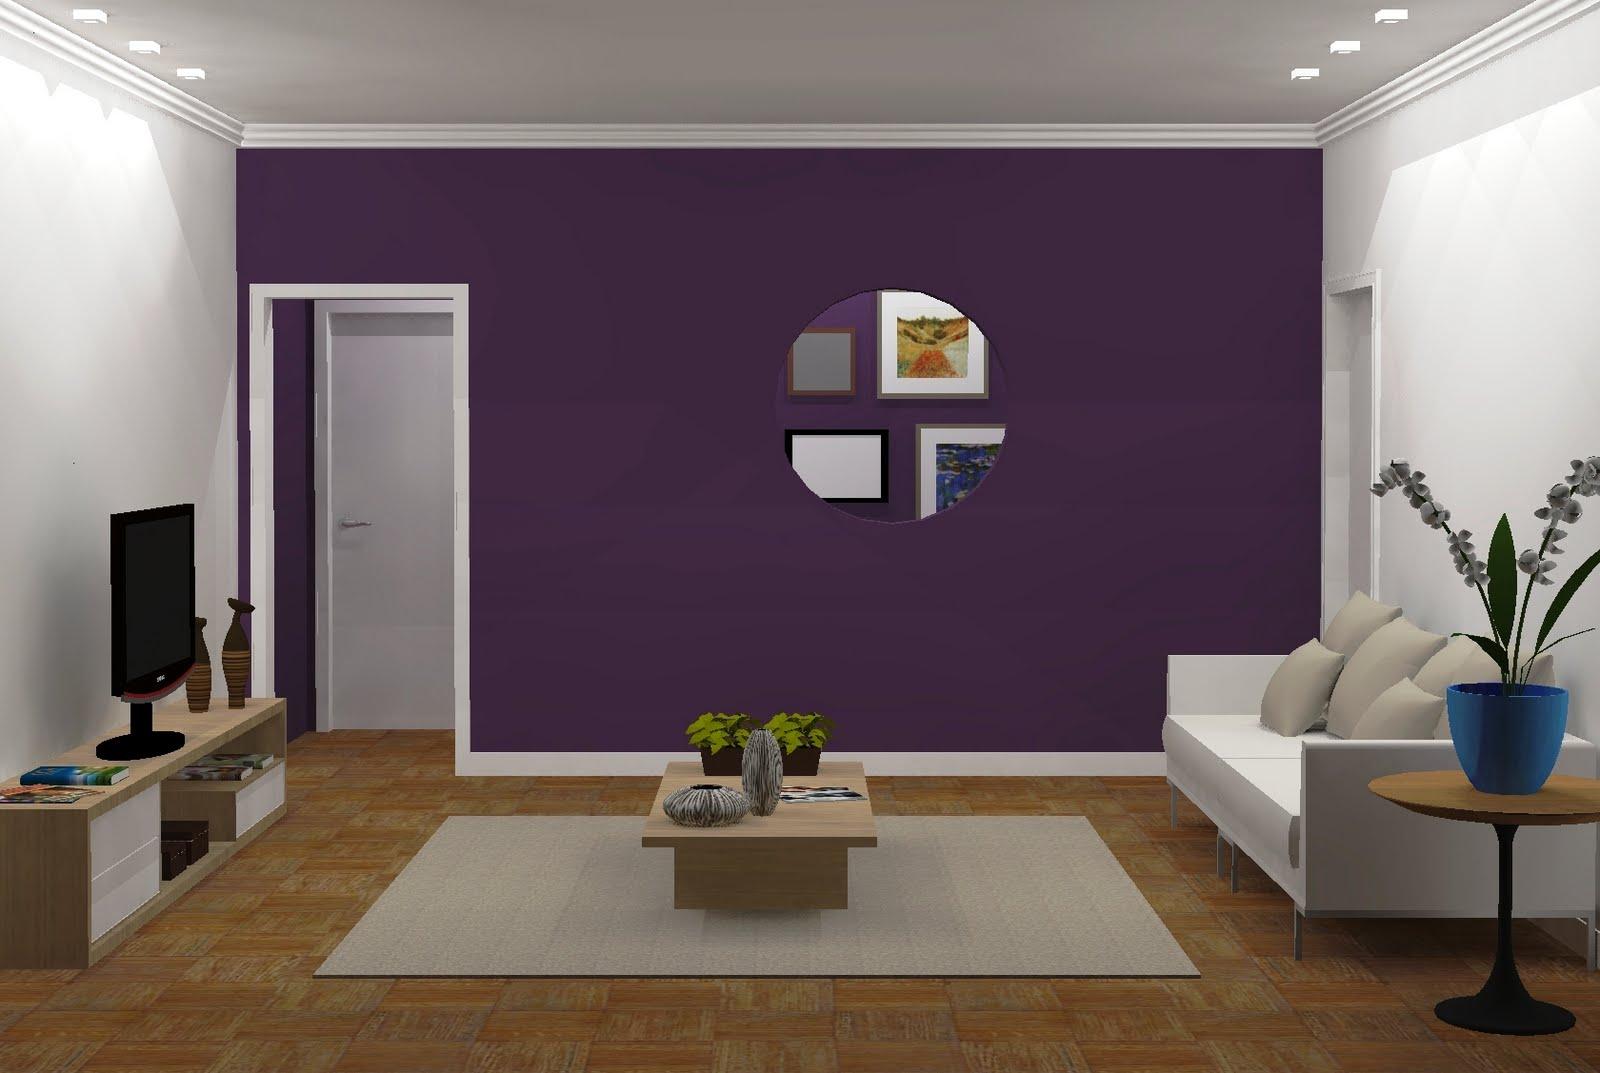 #67482A decoracao de sala de tv:Projekt Livre: Sala TV 1600x1073 píxeis em Decoração De Sala De Tv Com Espelhos